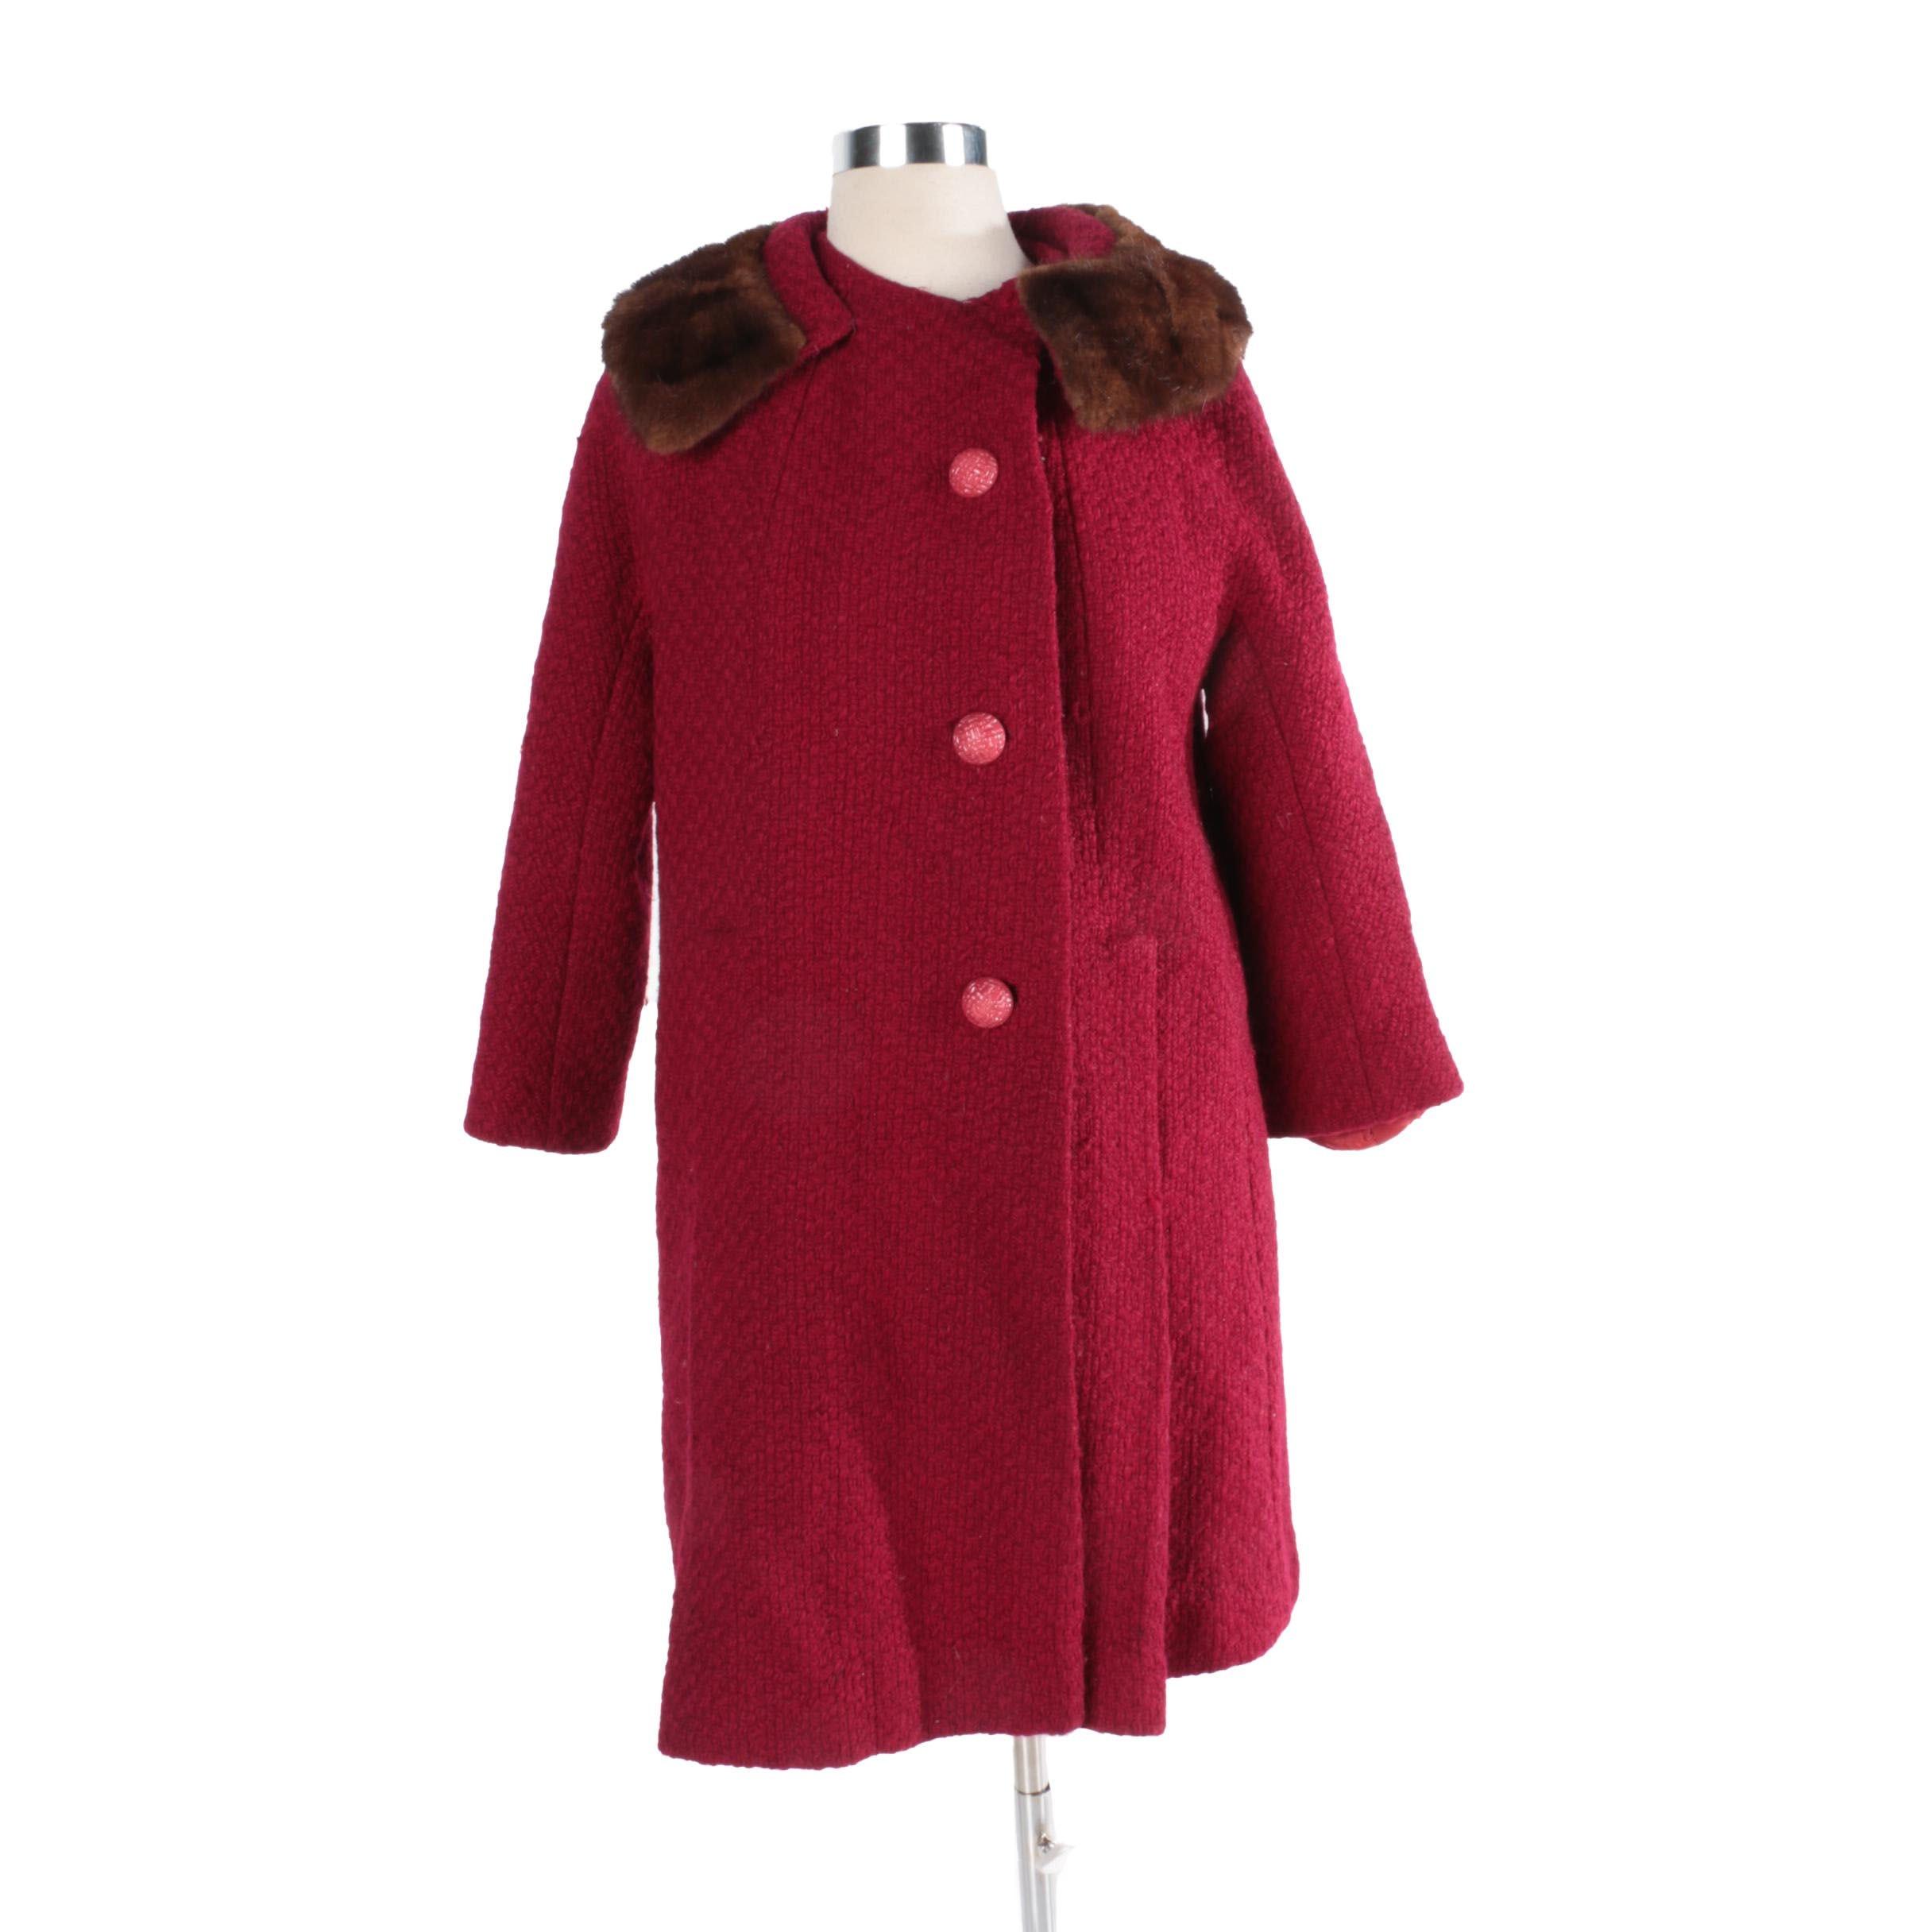 Women's Vintage Mink-Trimmed Wool Bouclé Coat